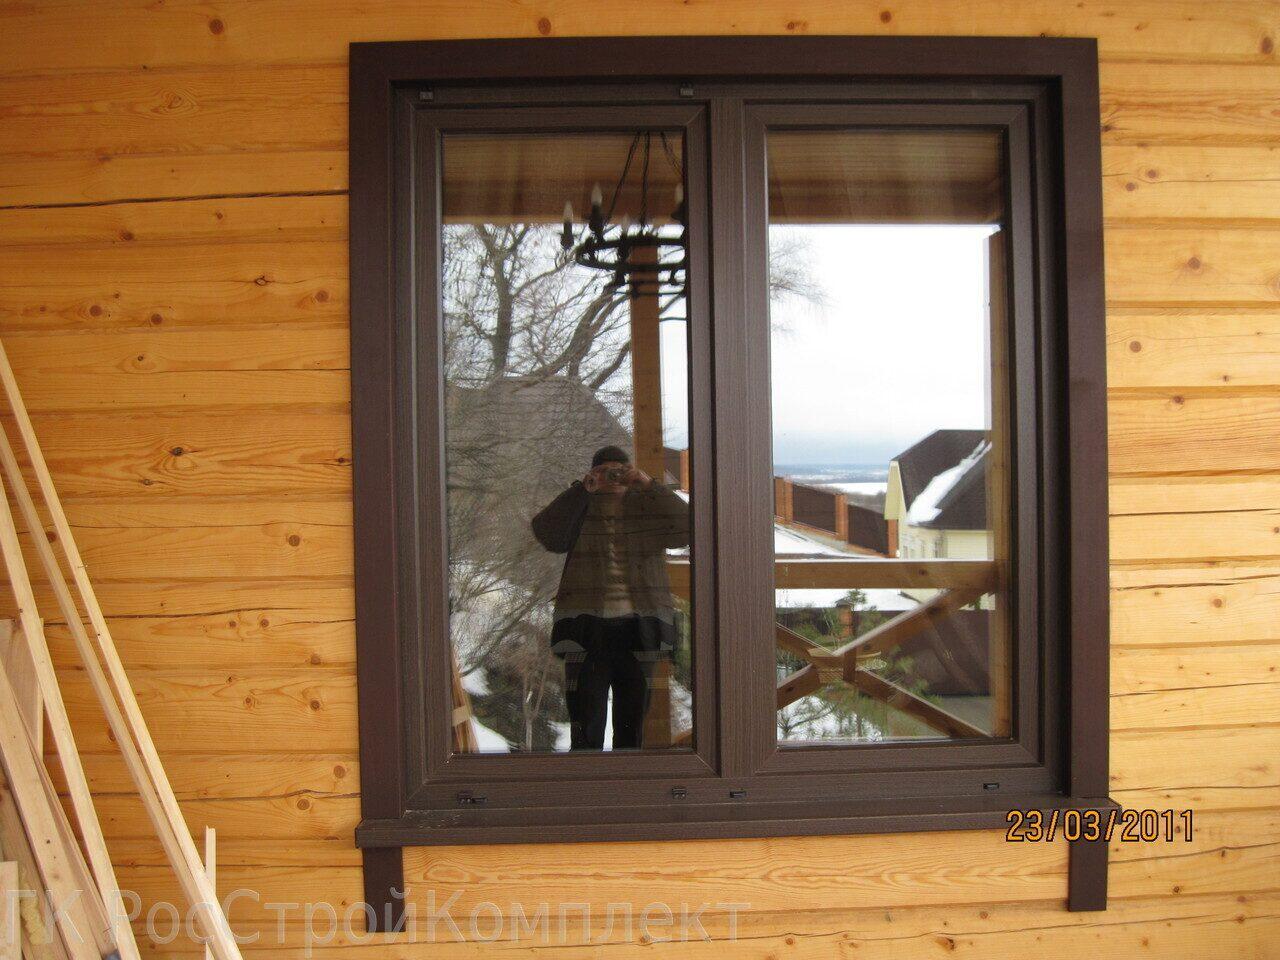 Наличники на окна из пвх в деревянном доме своими руками